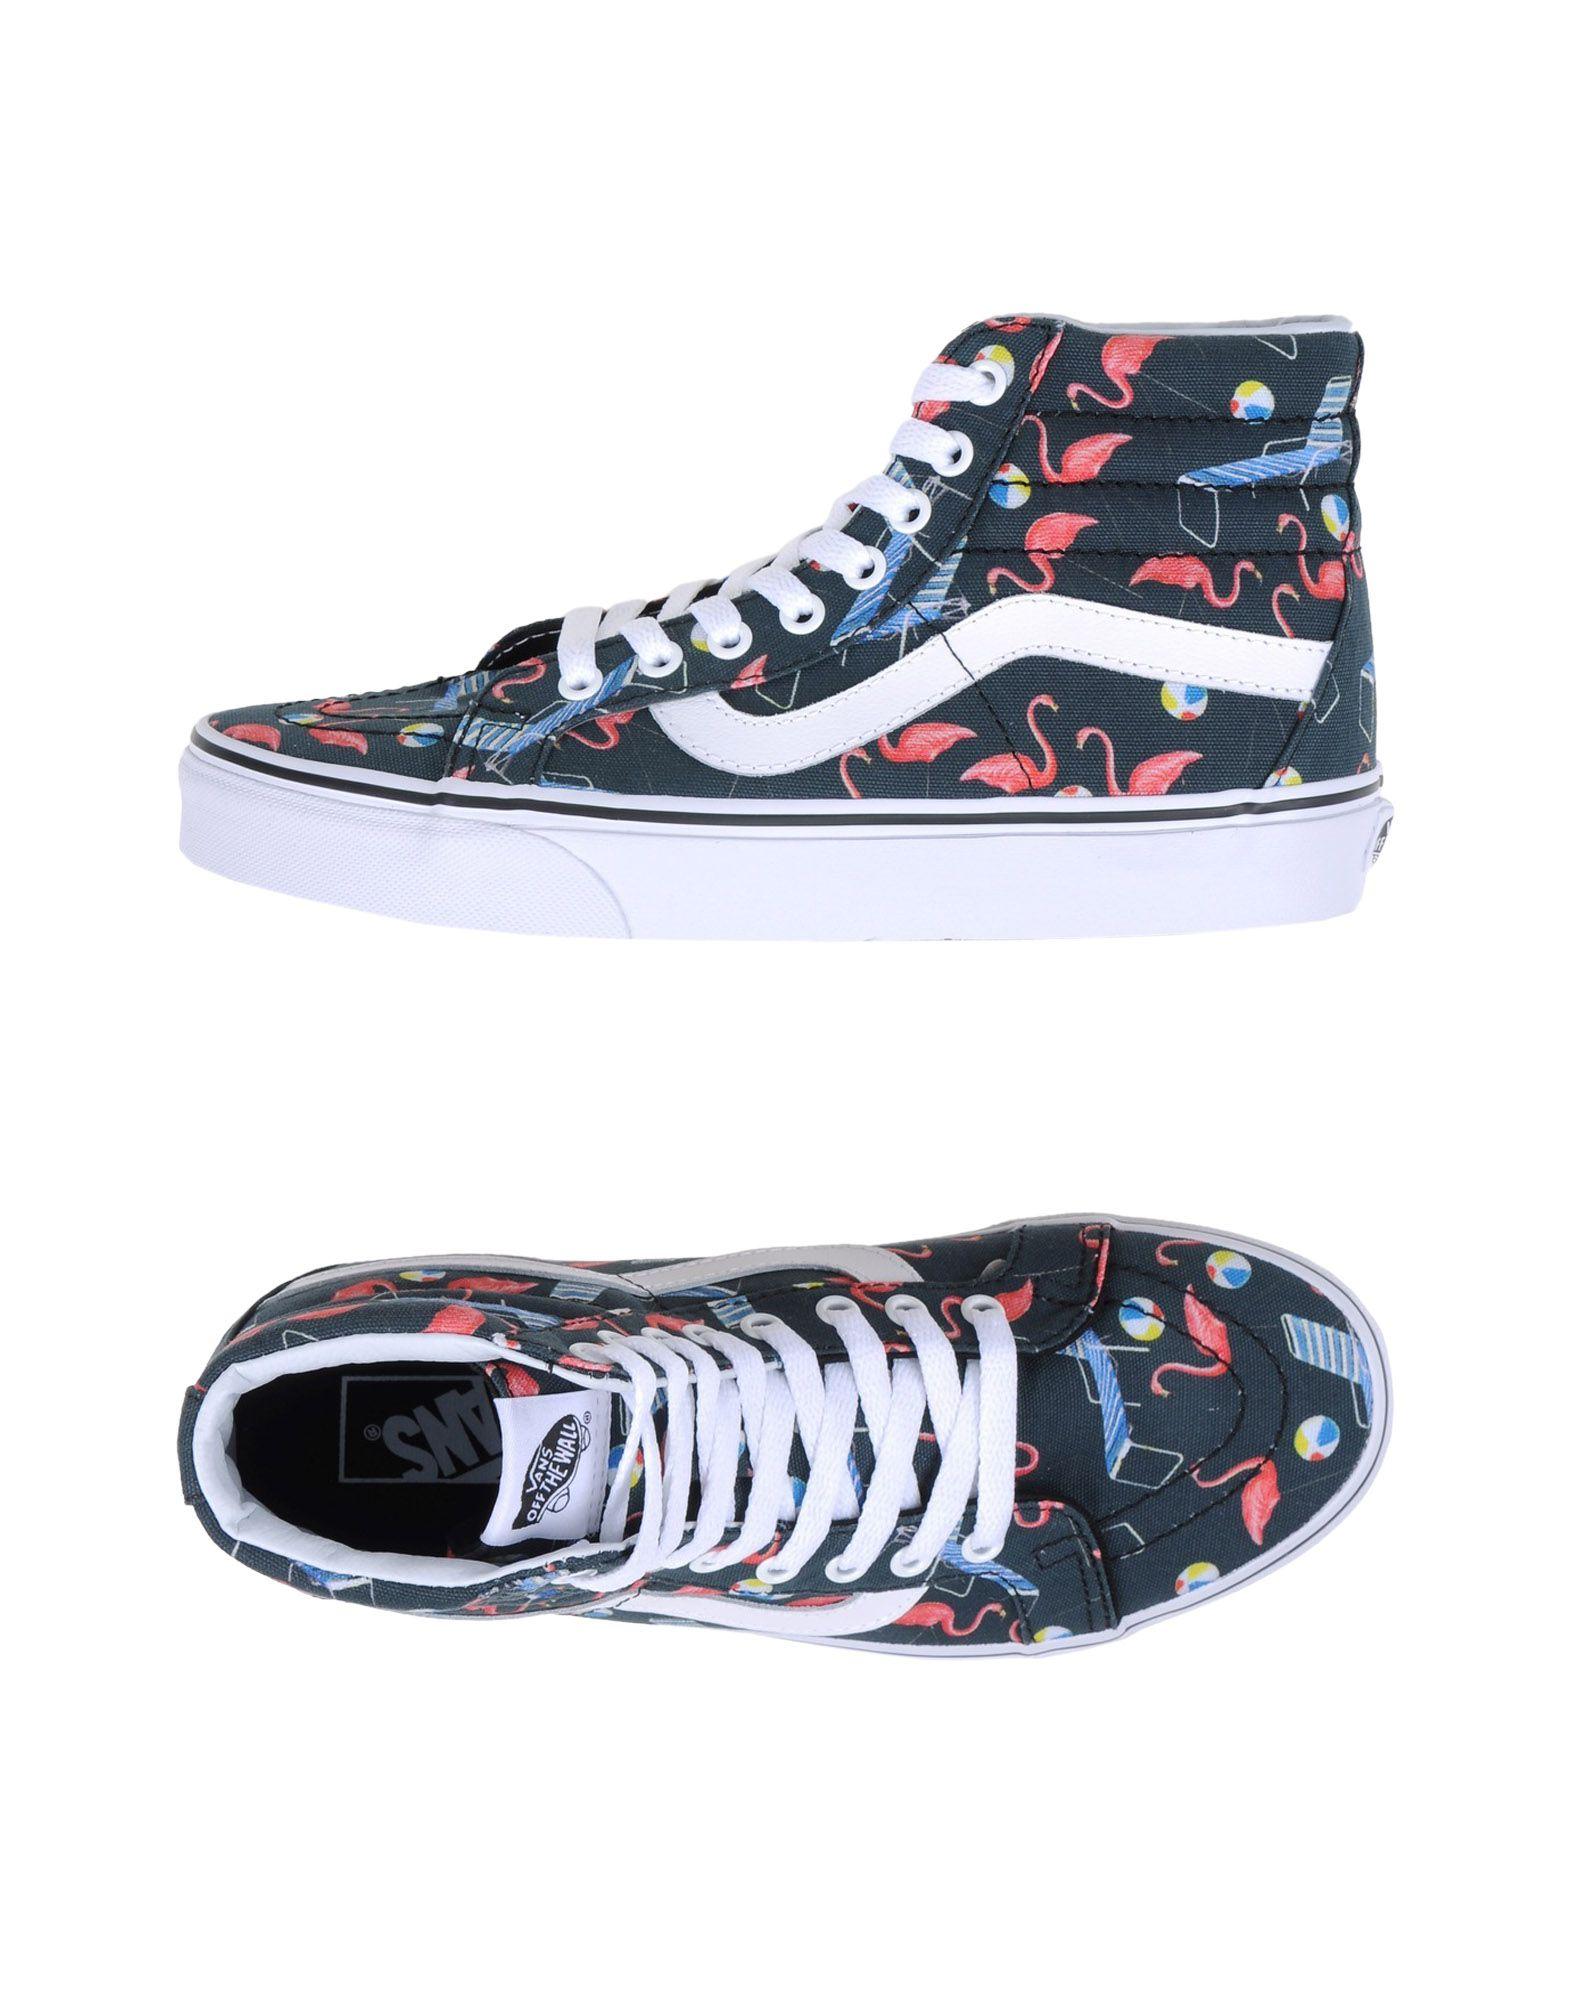 Sneakers Vans Sk8-Hi Reissue Pool Vibes - Femme - Sneakers Vans sur